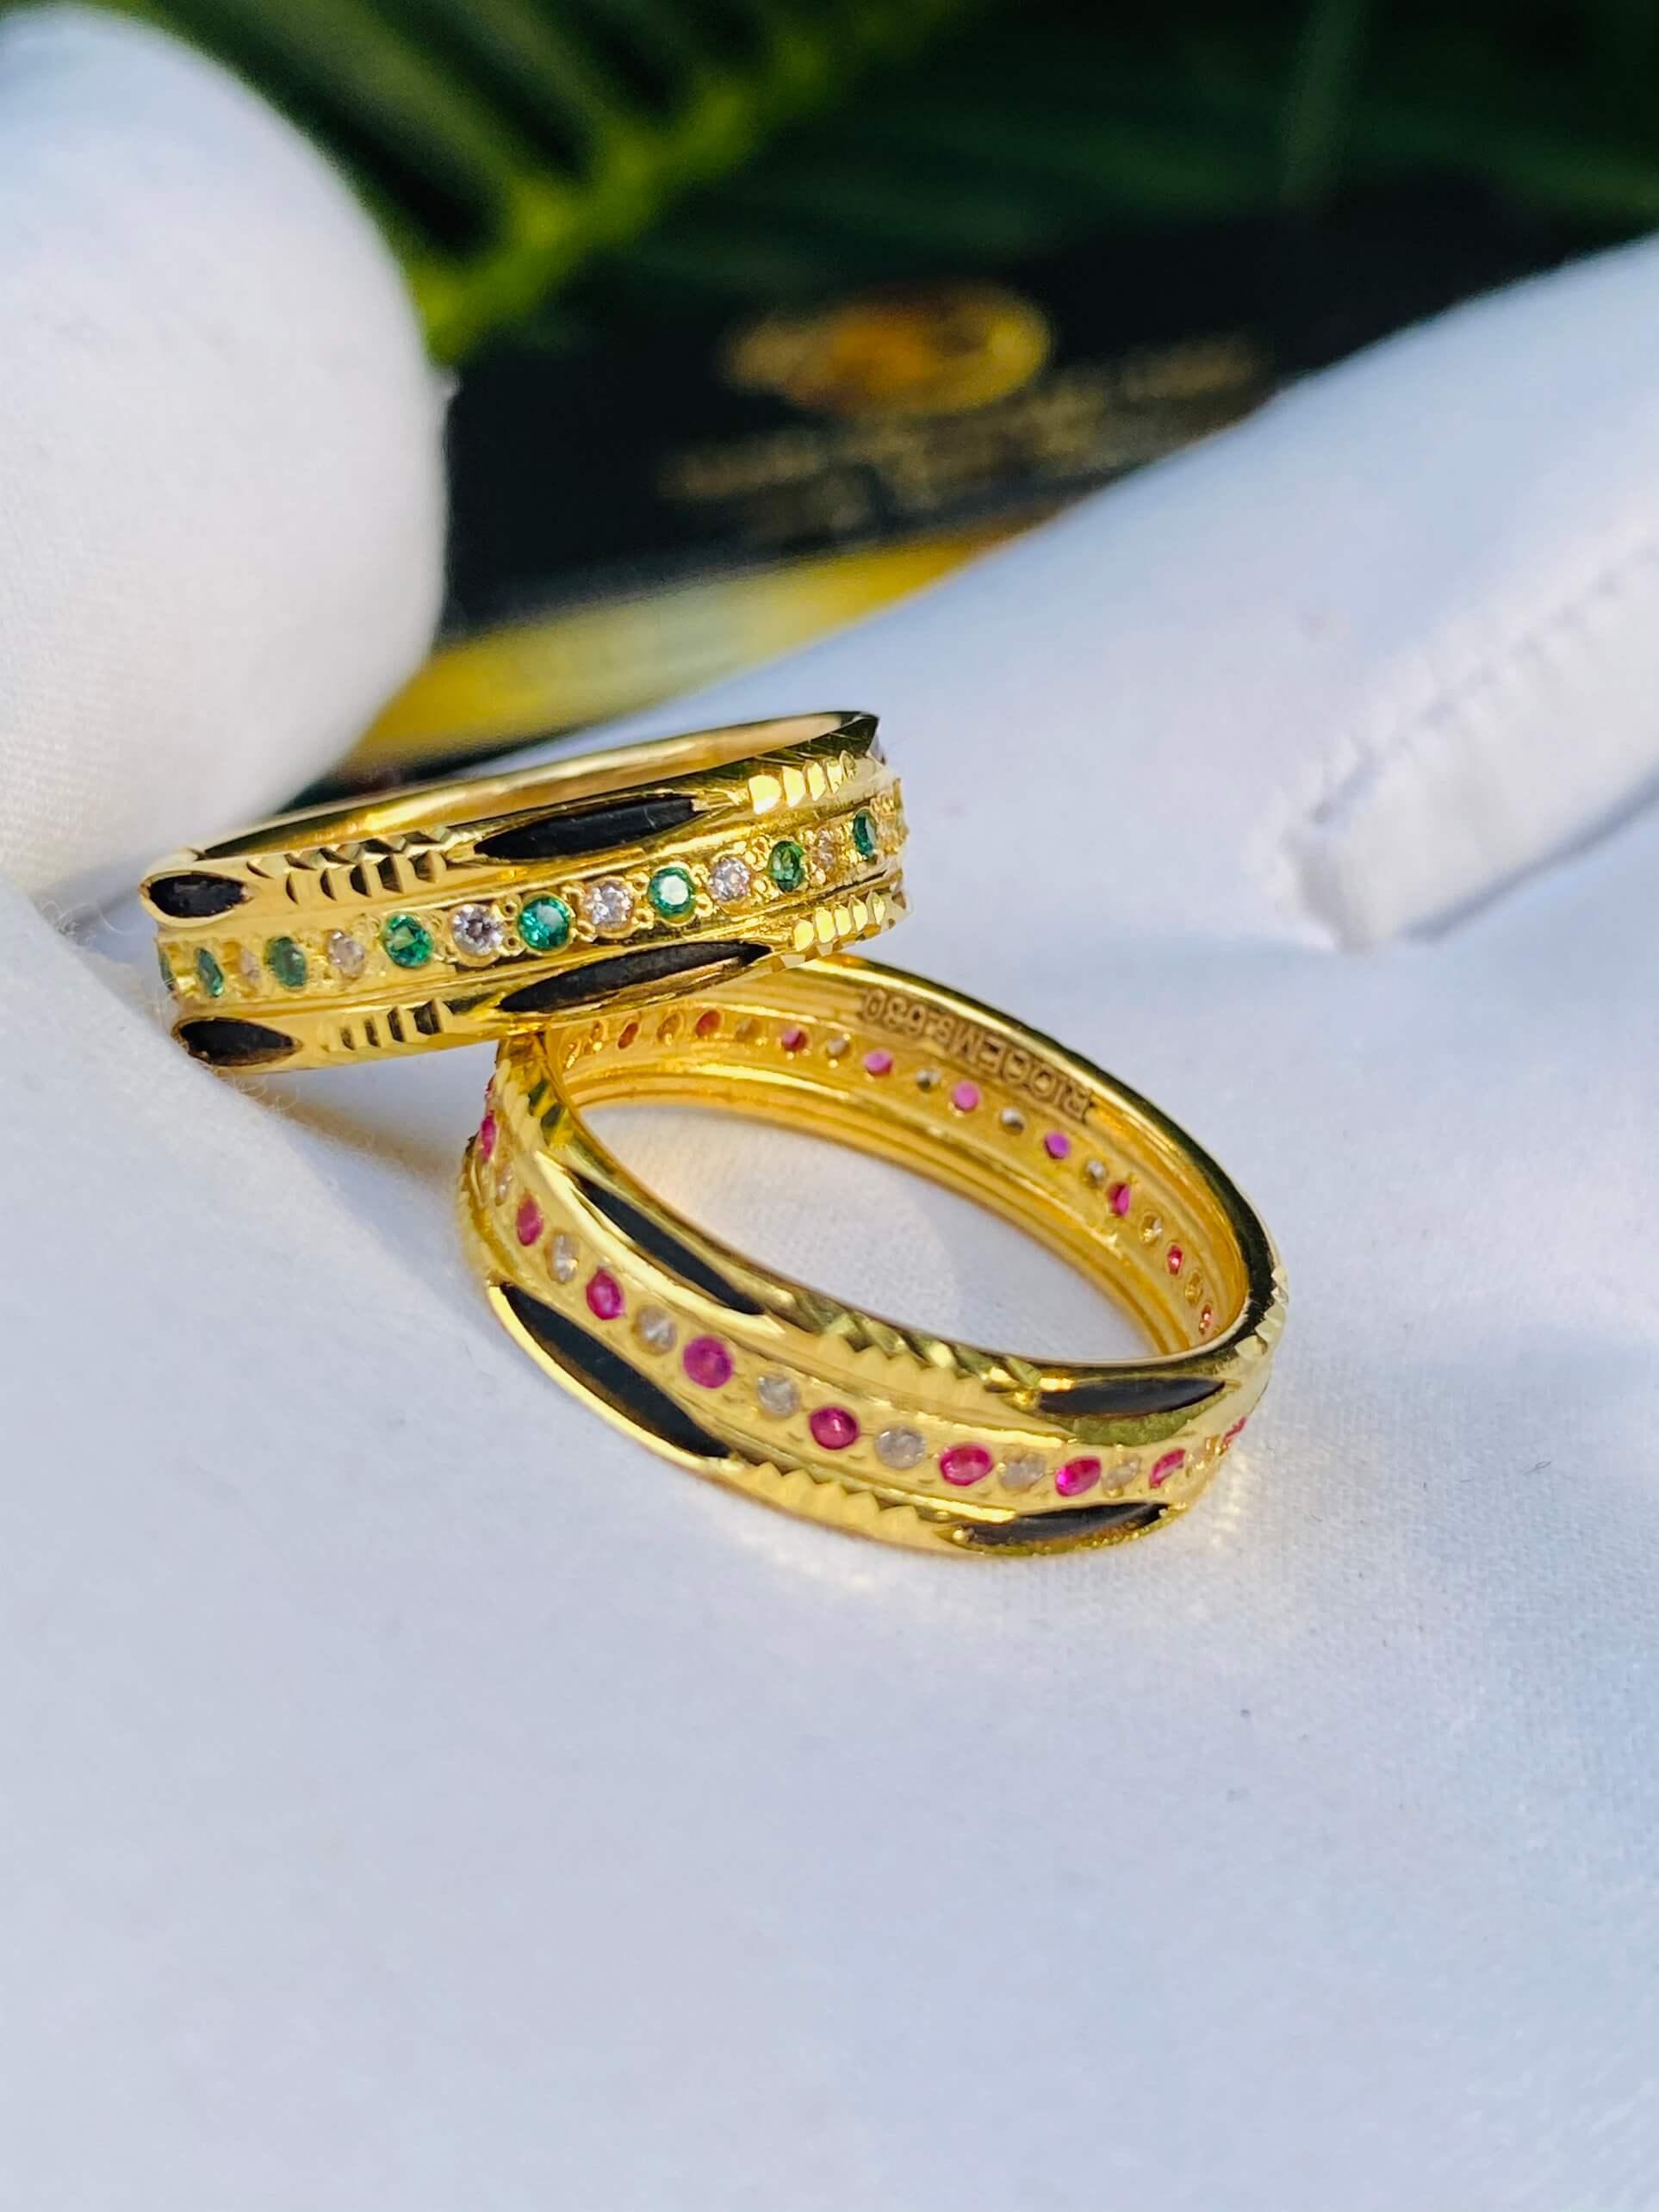 Nhẫn vàng luồng 2 Lông Voi đính đá thích hợp cho các cặp đôi